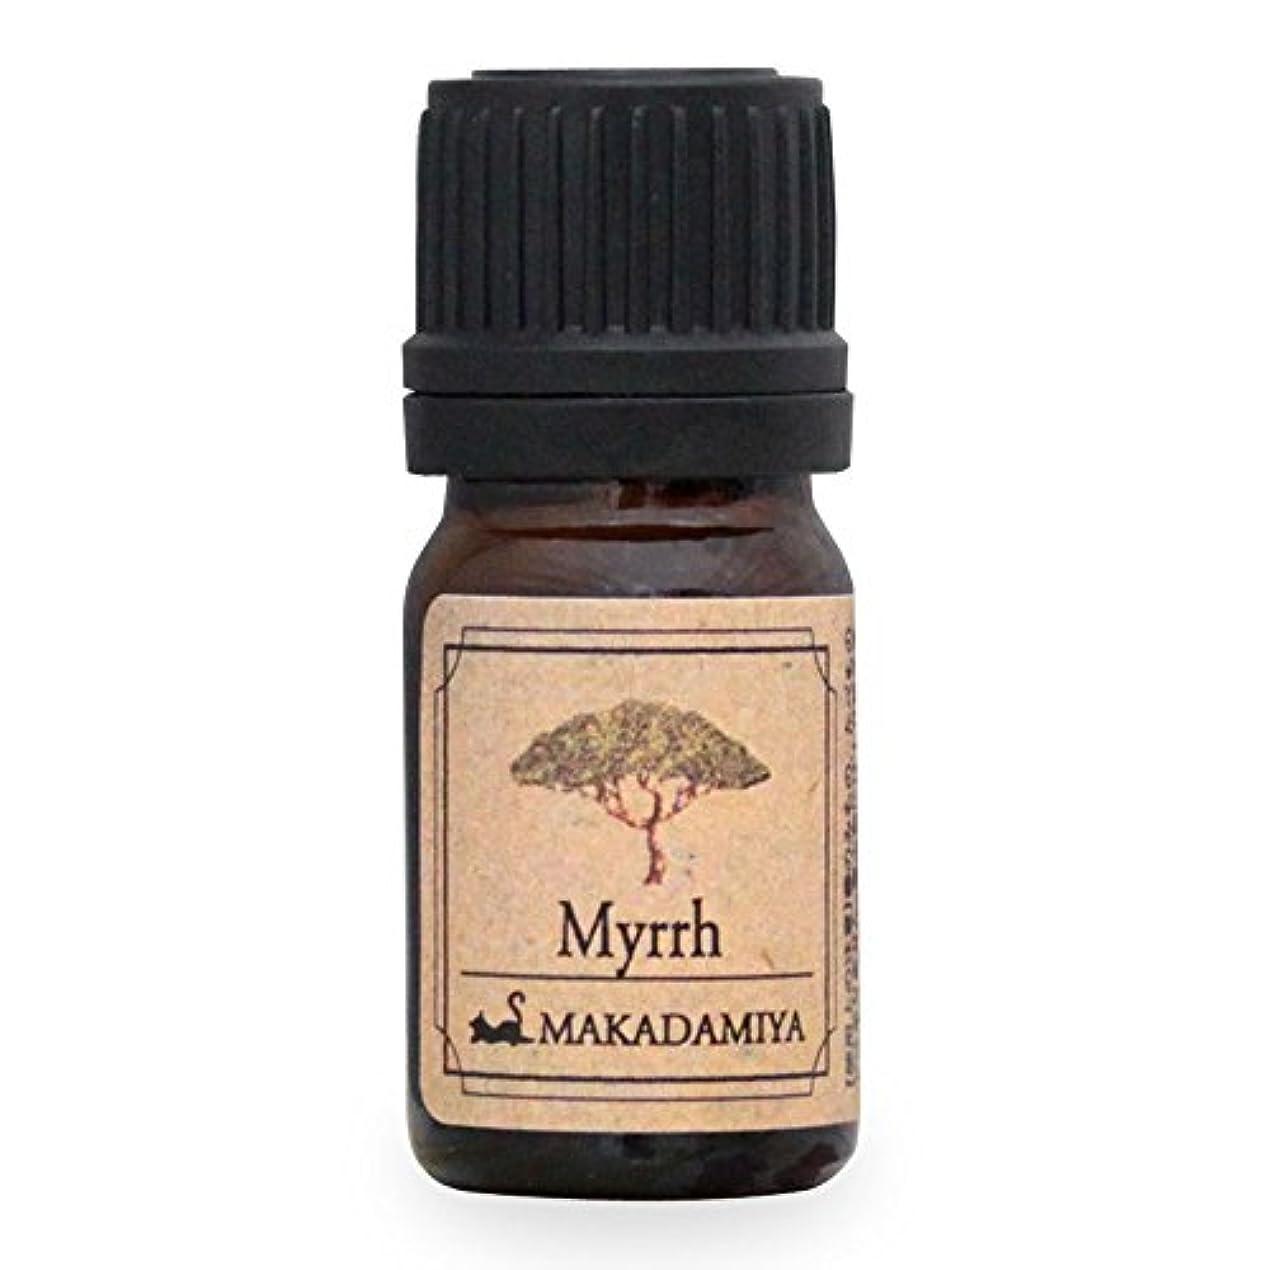 争い製造業エロチックミルラ5ml 天然100%植物性 エッセンシャルオイル(精油) アロマオイル アロママッサージ aroma Myrrh